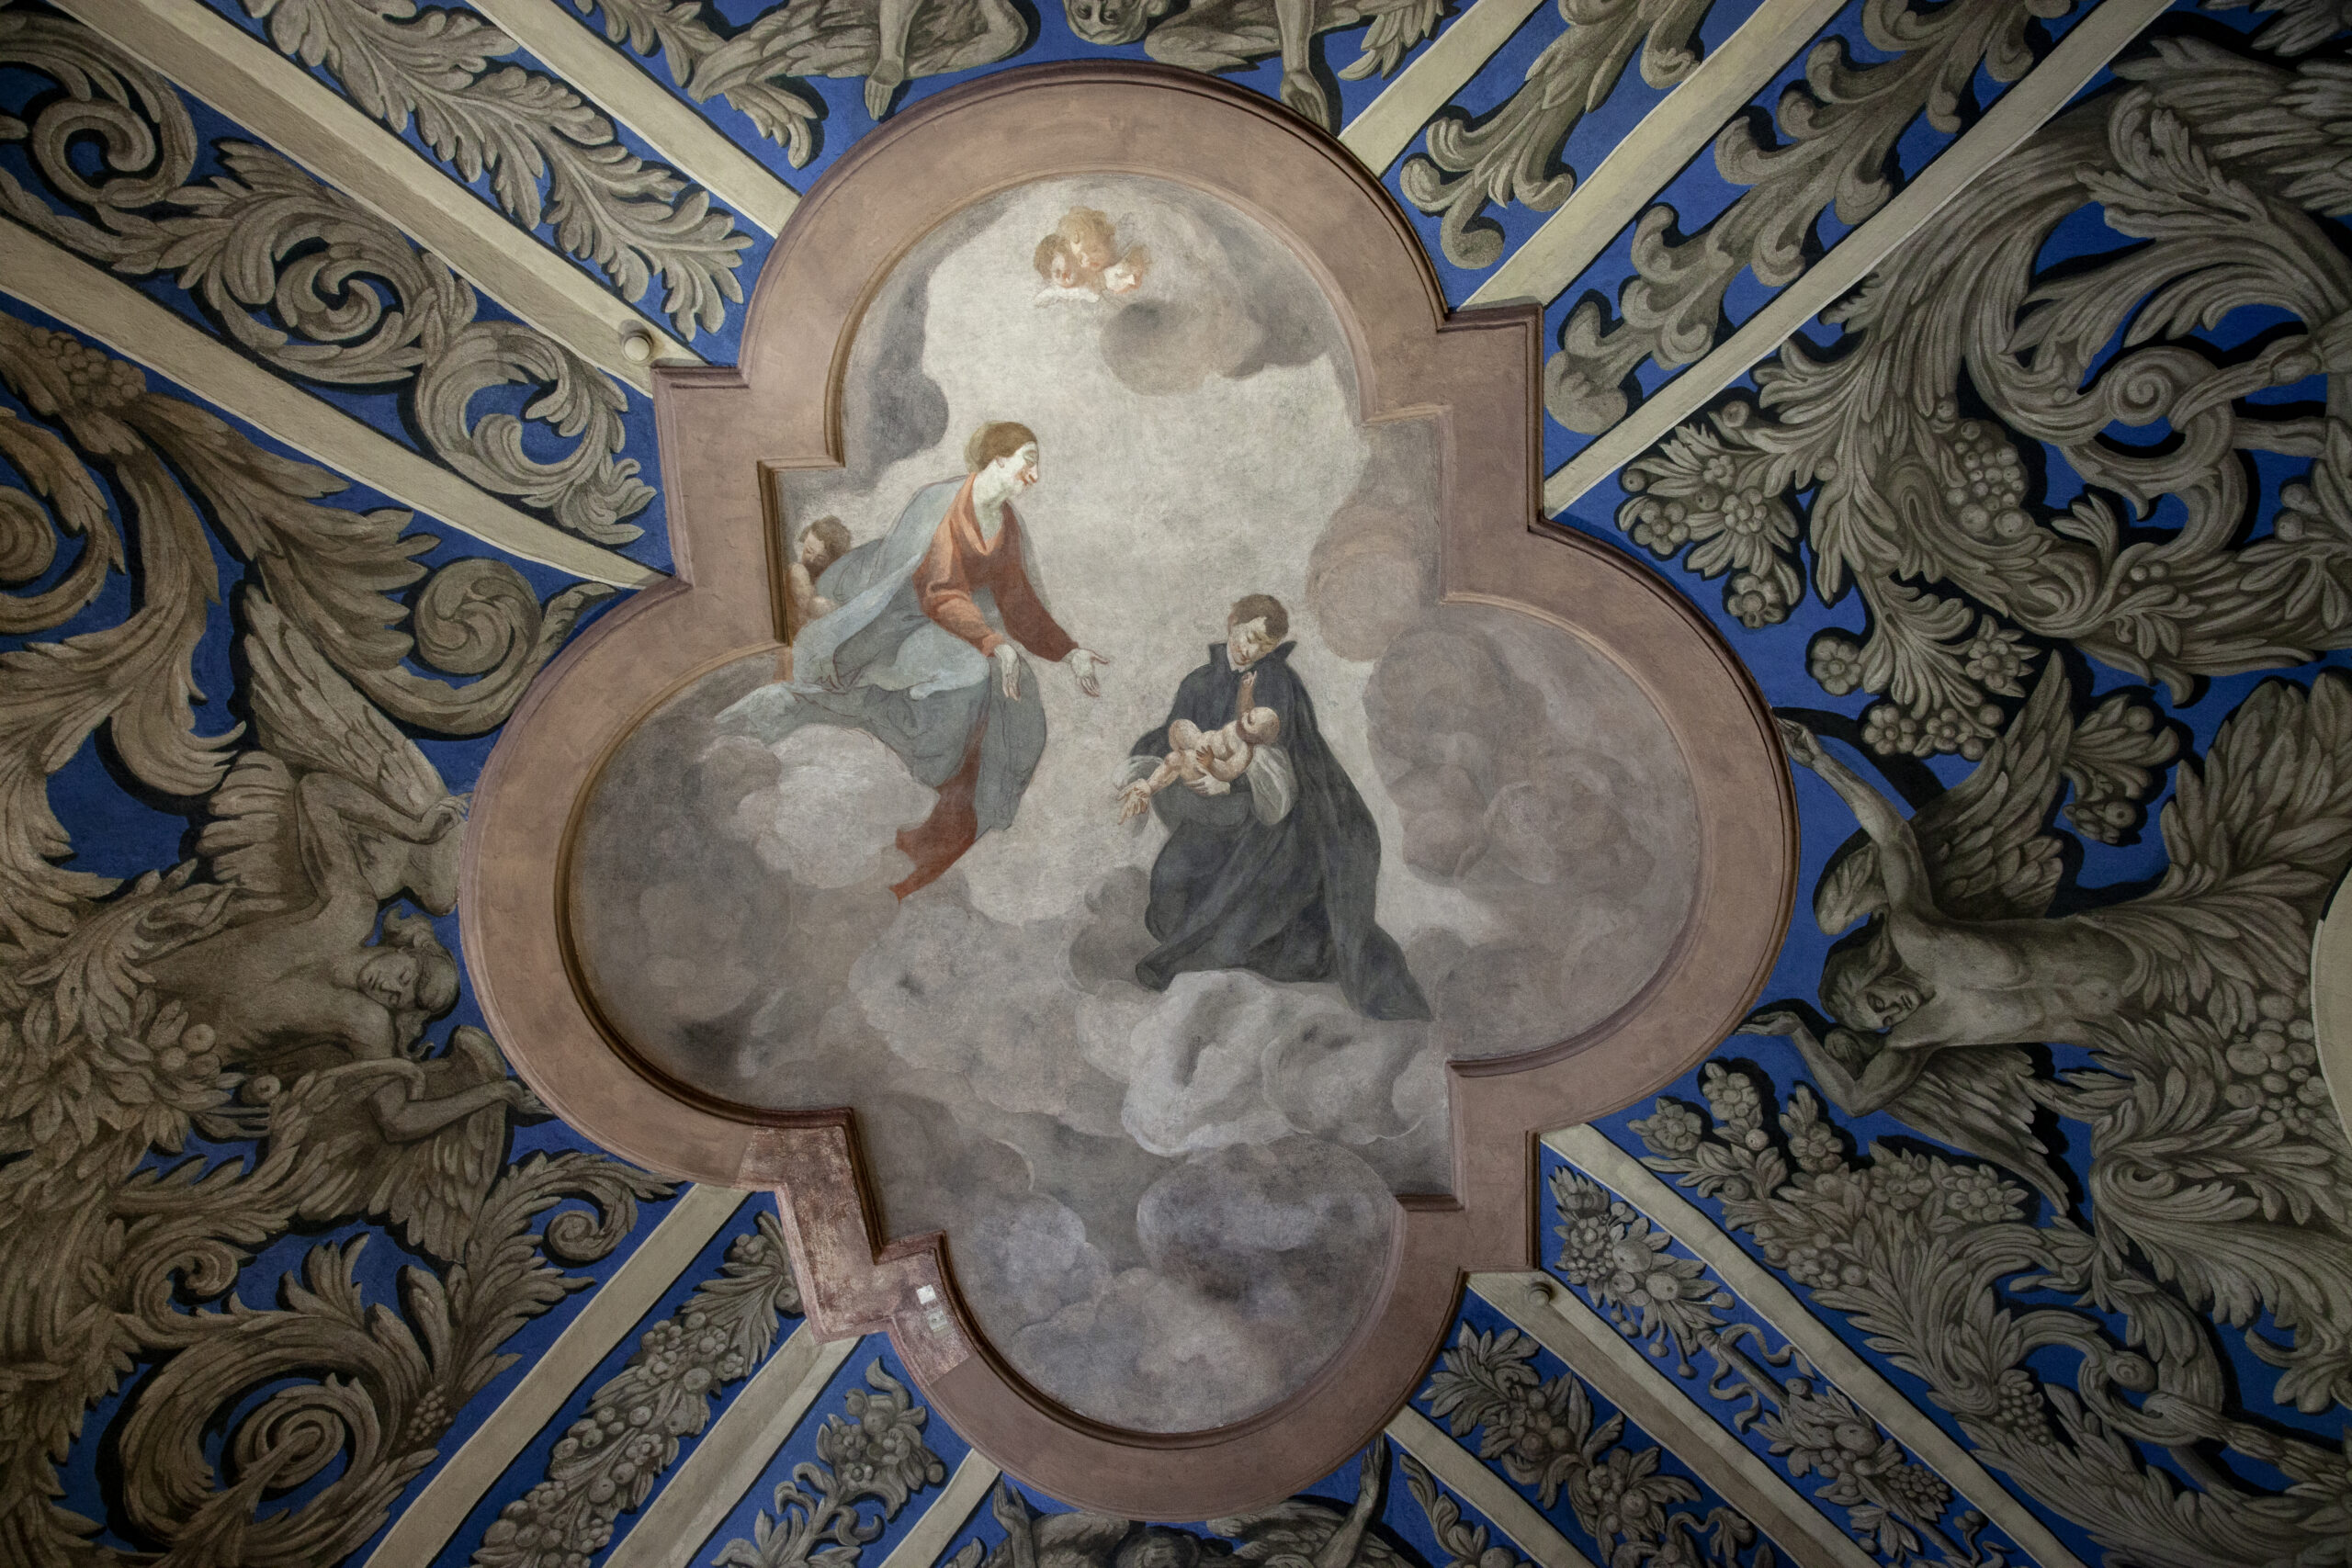 Skliautų tapyba Vilniaus universiteto bibliotekos Joachimo Lelewelio salėje